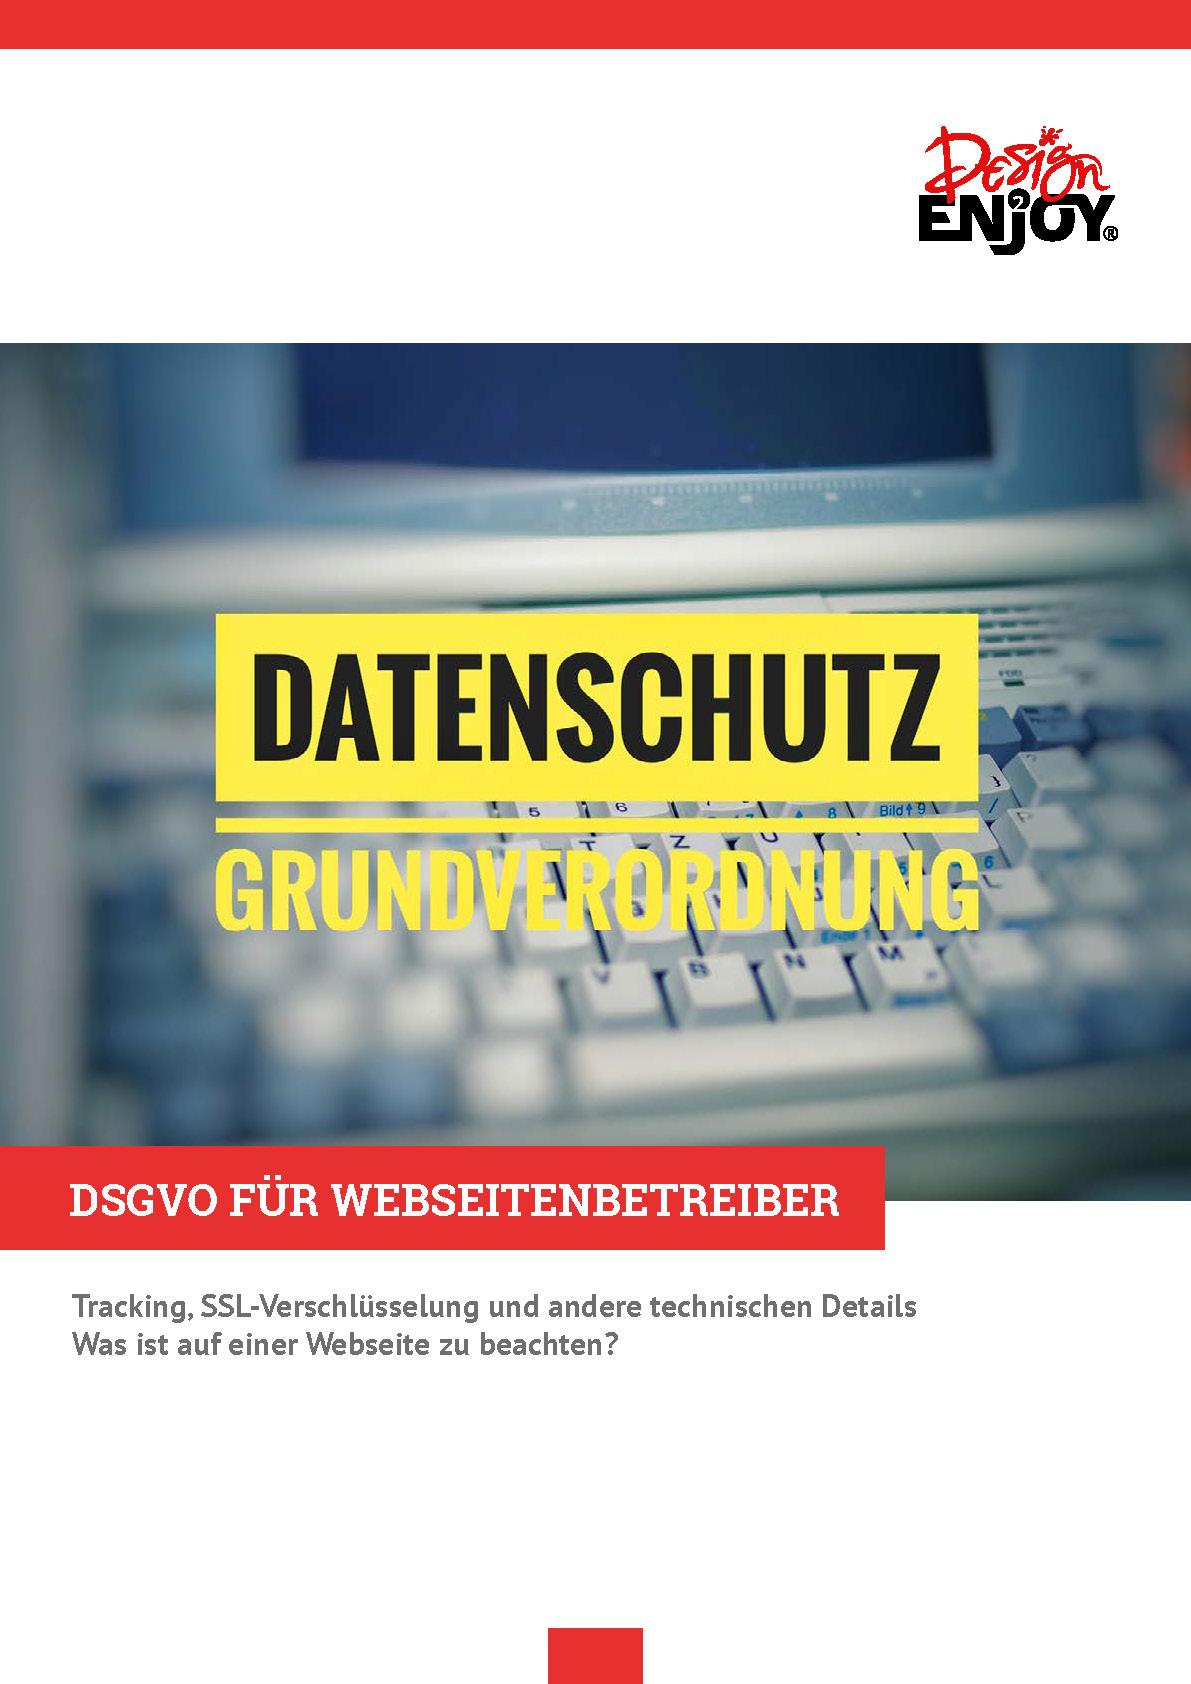 DSGVO für Webseitenbetreiber